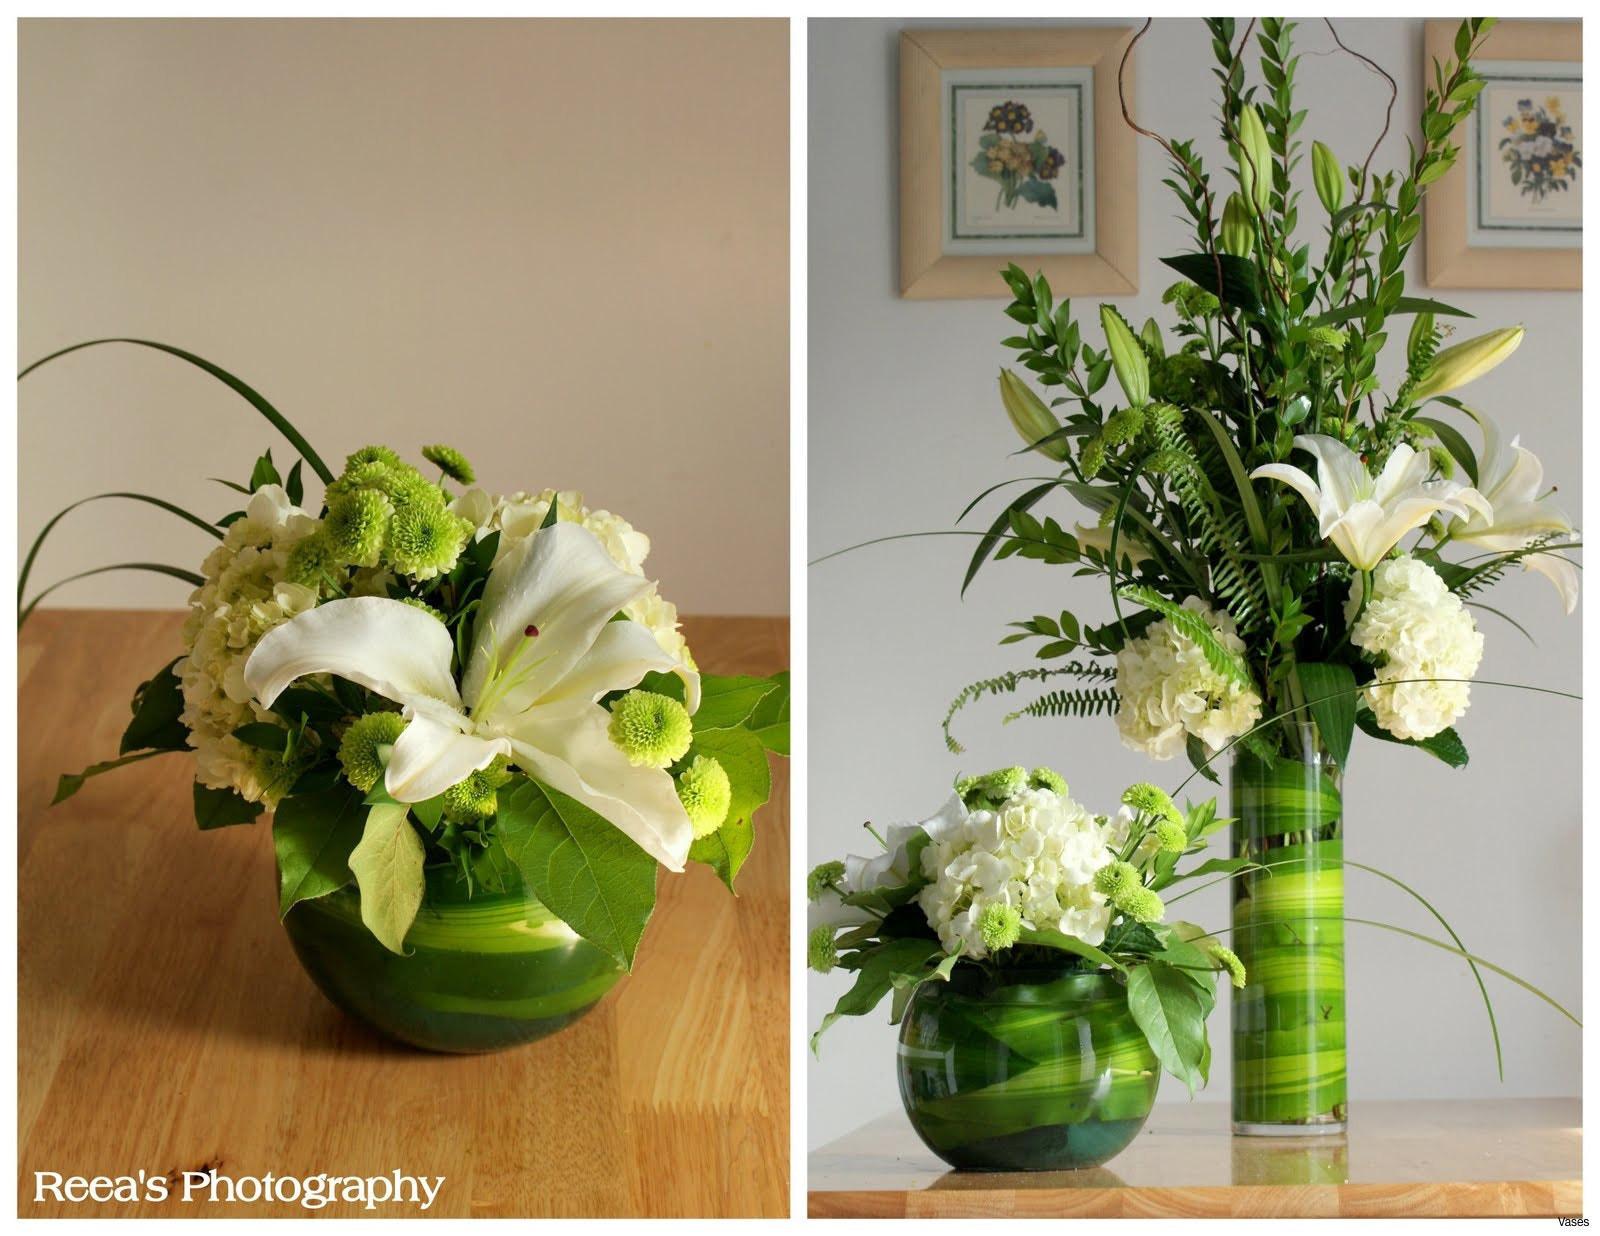 emerald green glass vase of tall green vase photos 6x6x6 glass vase lovely h vases for flower intended for tall green vase photos 6x6x6 glass vase lovely h vases for flower arrangements i 0d dry